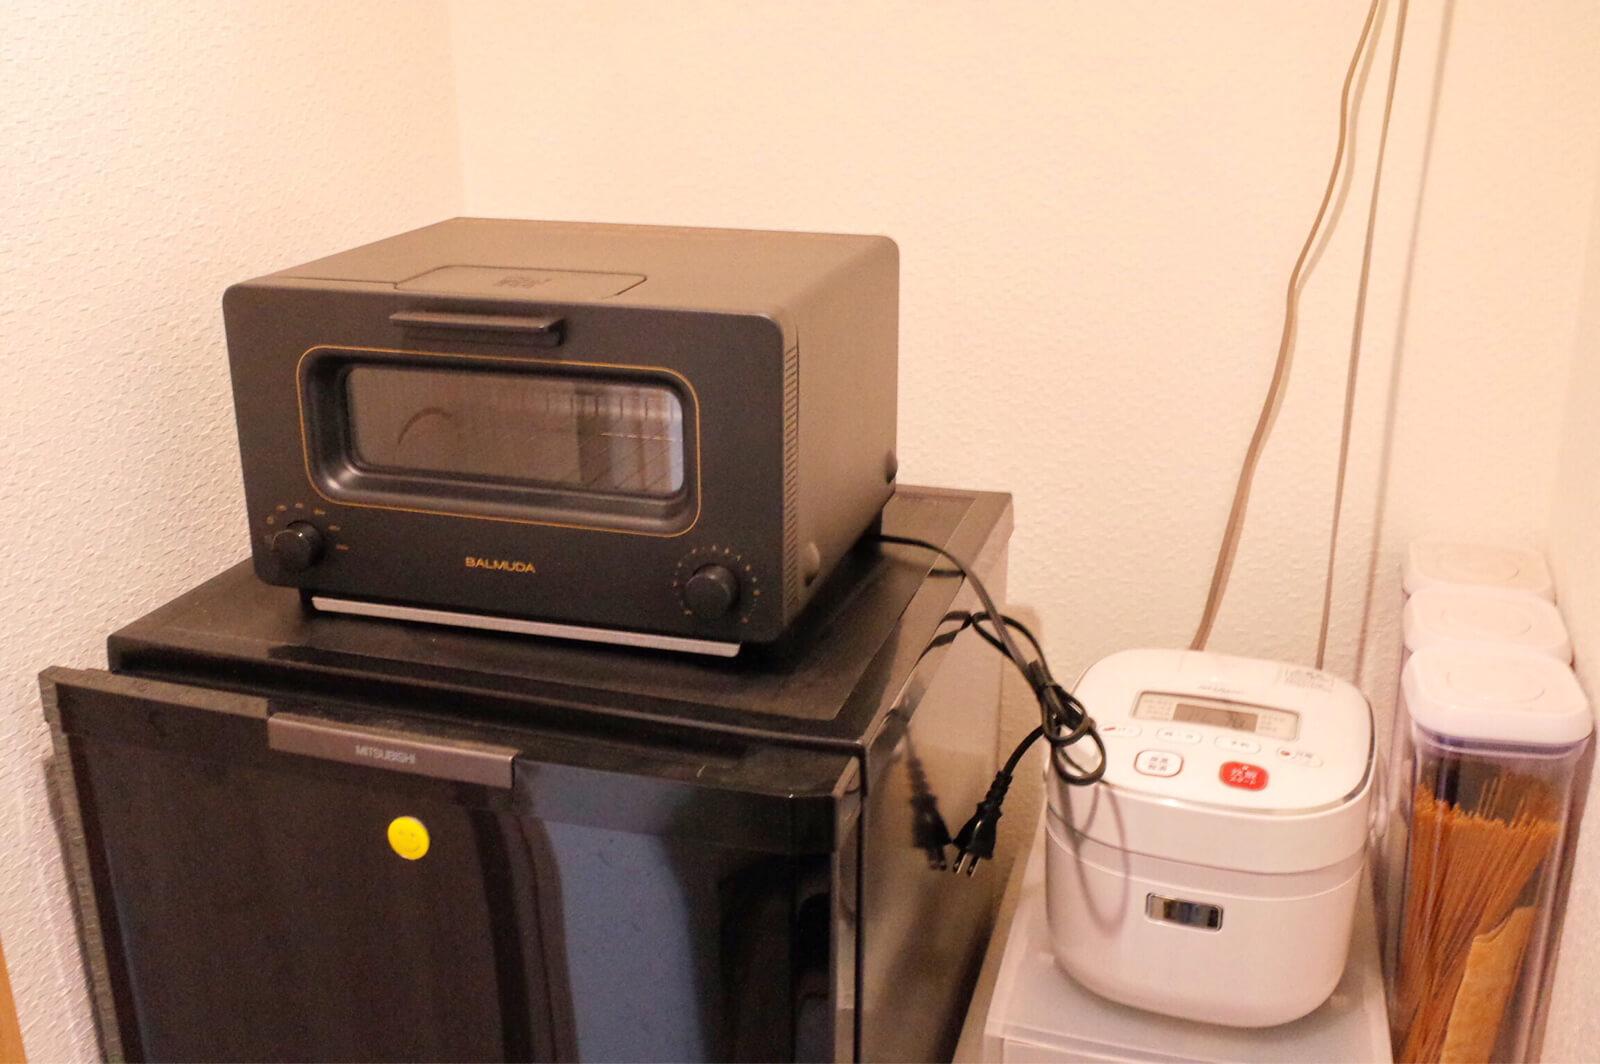 バルミューダ BALMUDA トースター 設置